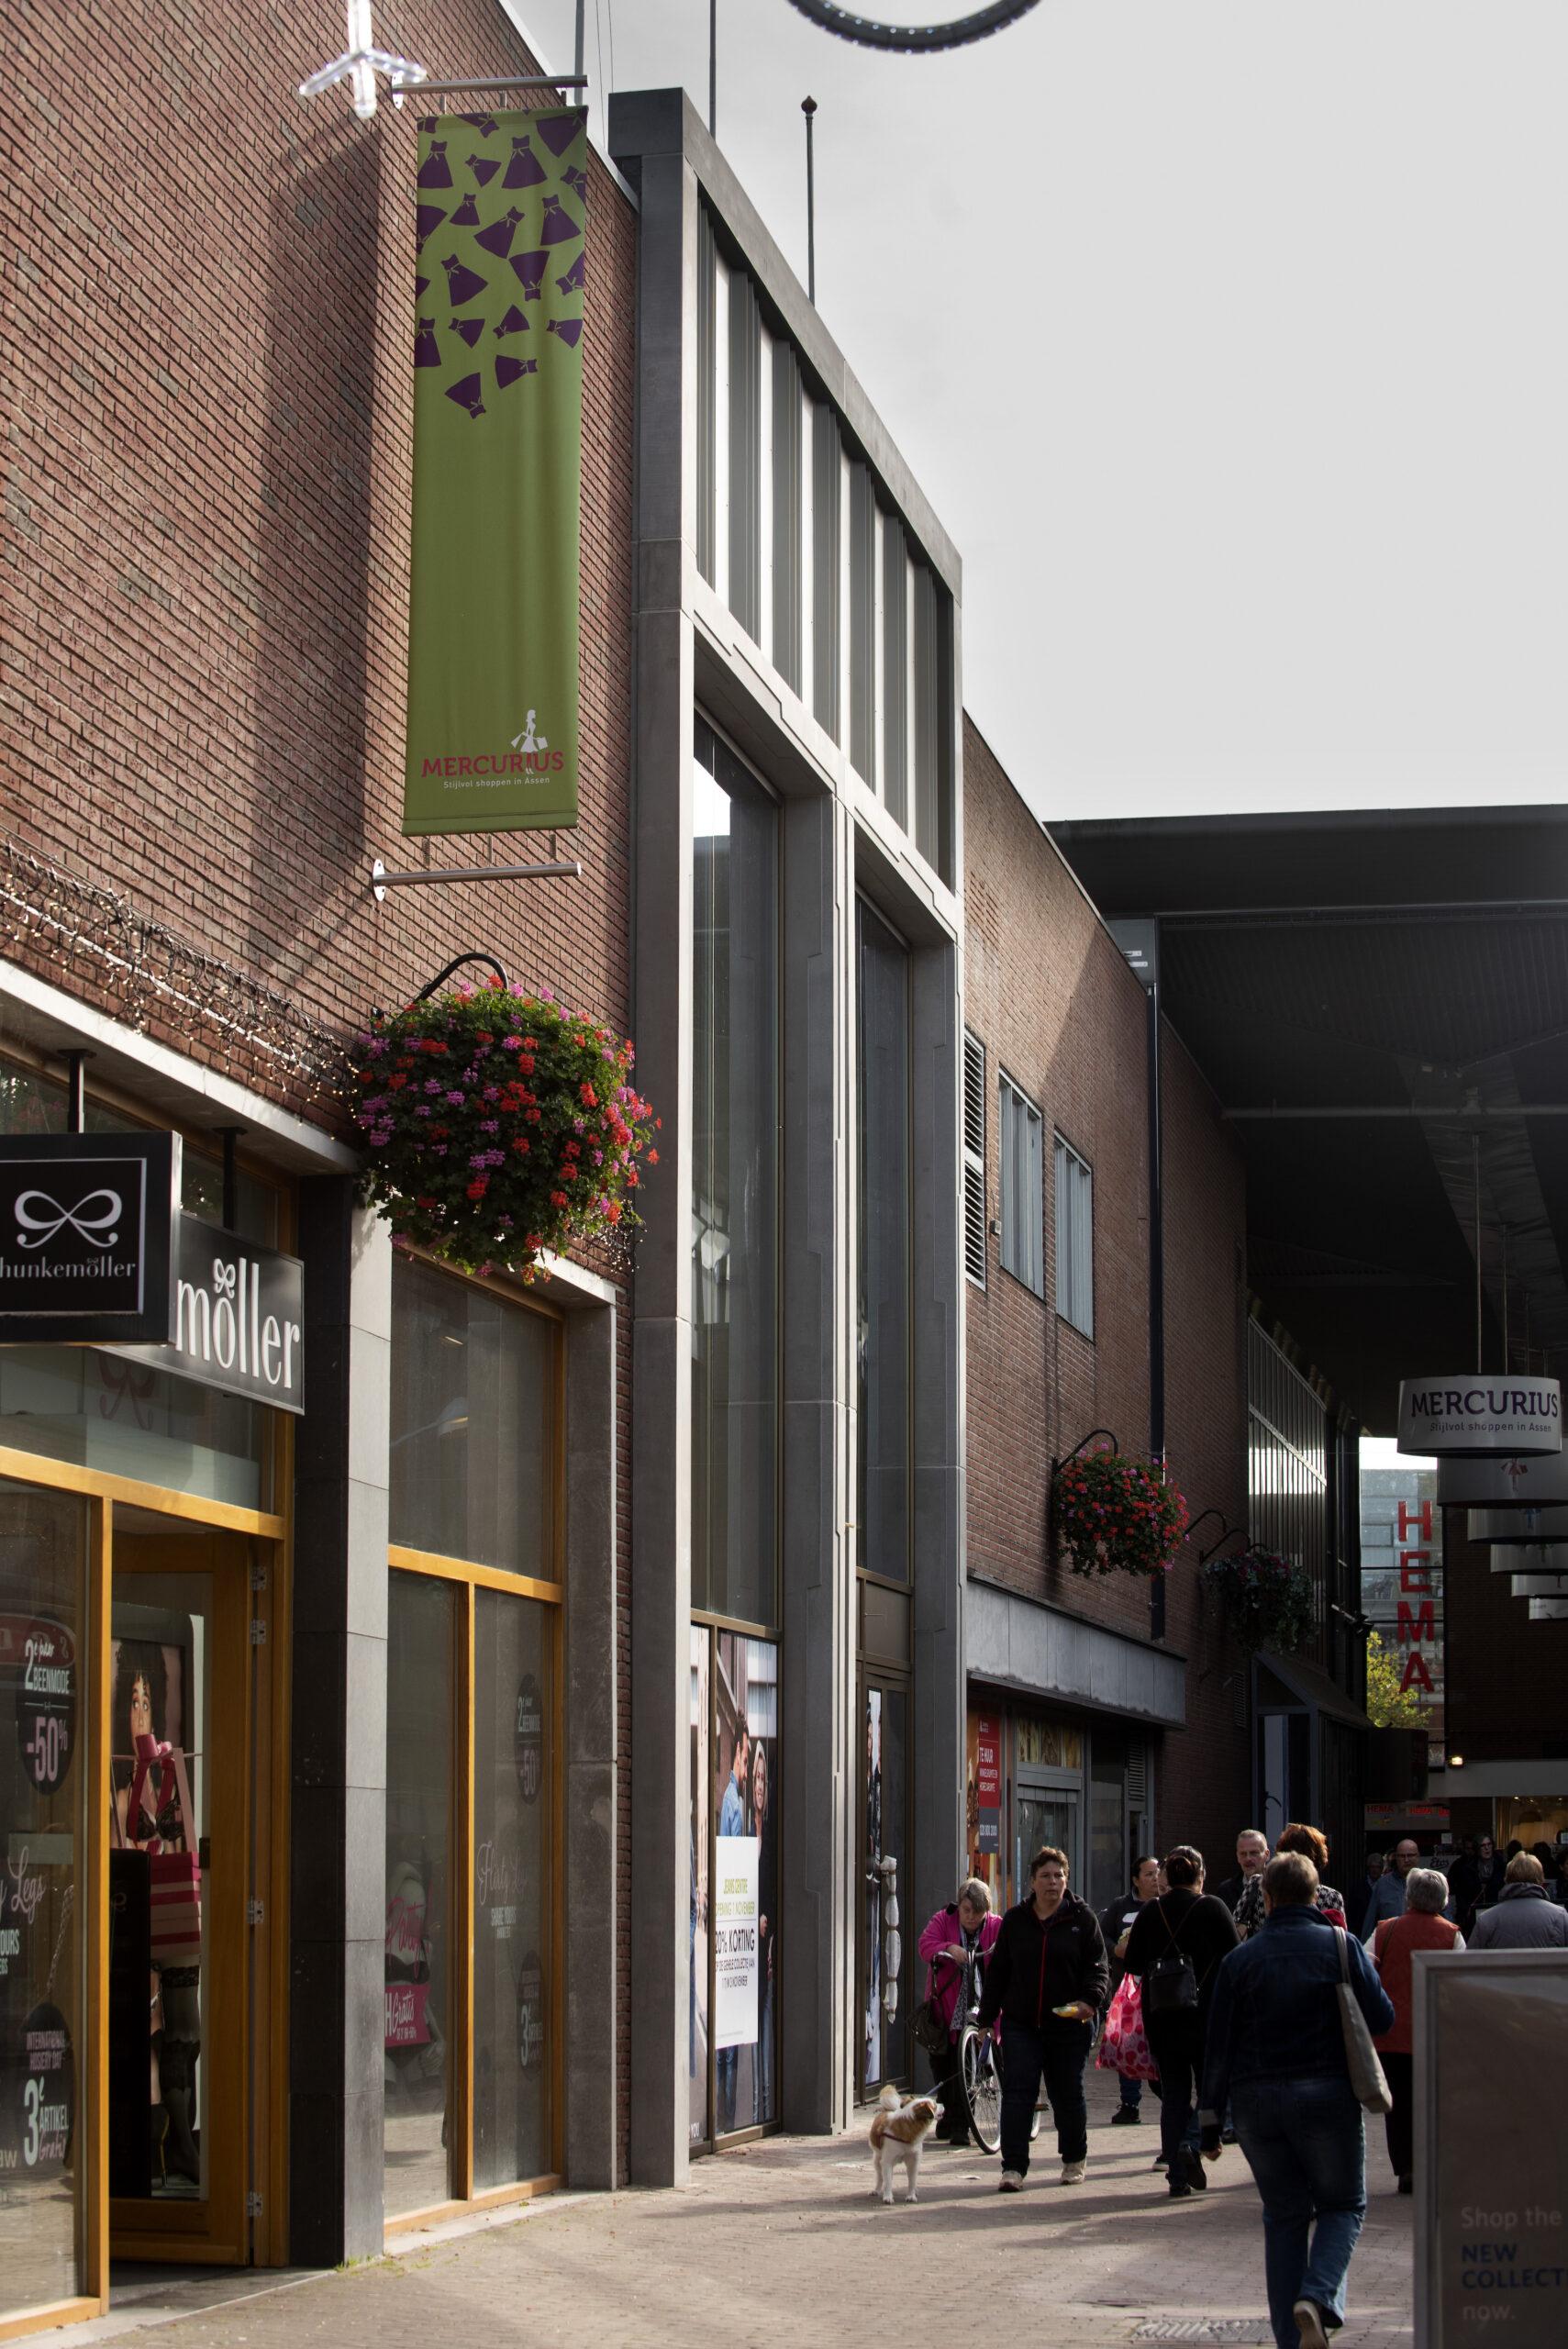 Nederland - Assen -  Drenthe- 19-10-2018  Mercurius centrum, vernieuwde gevel van oude V&D. Door EUP design.  Foto : Sake Elzinga